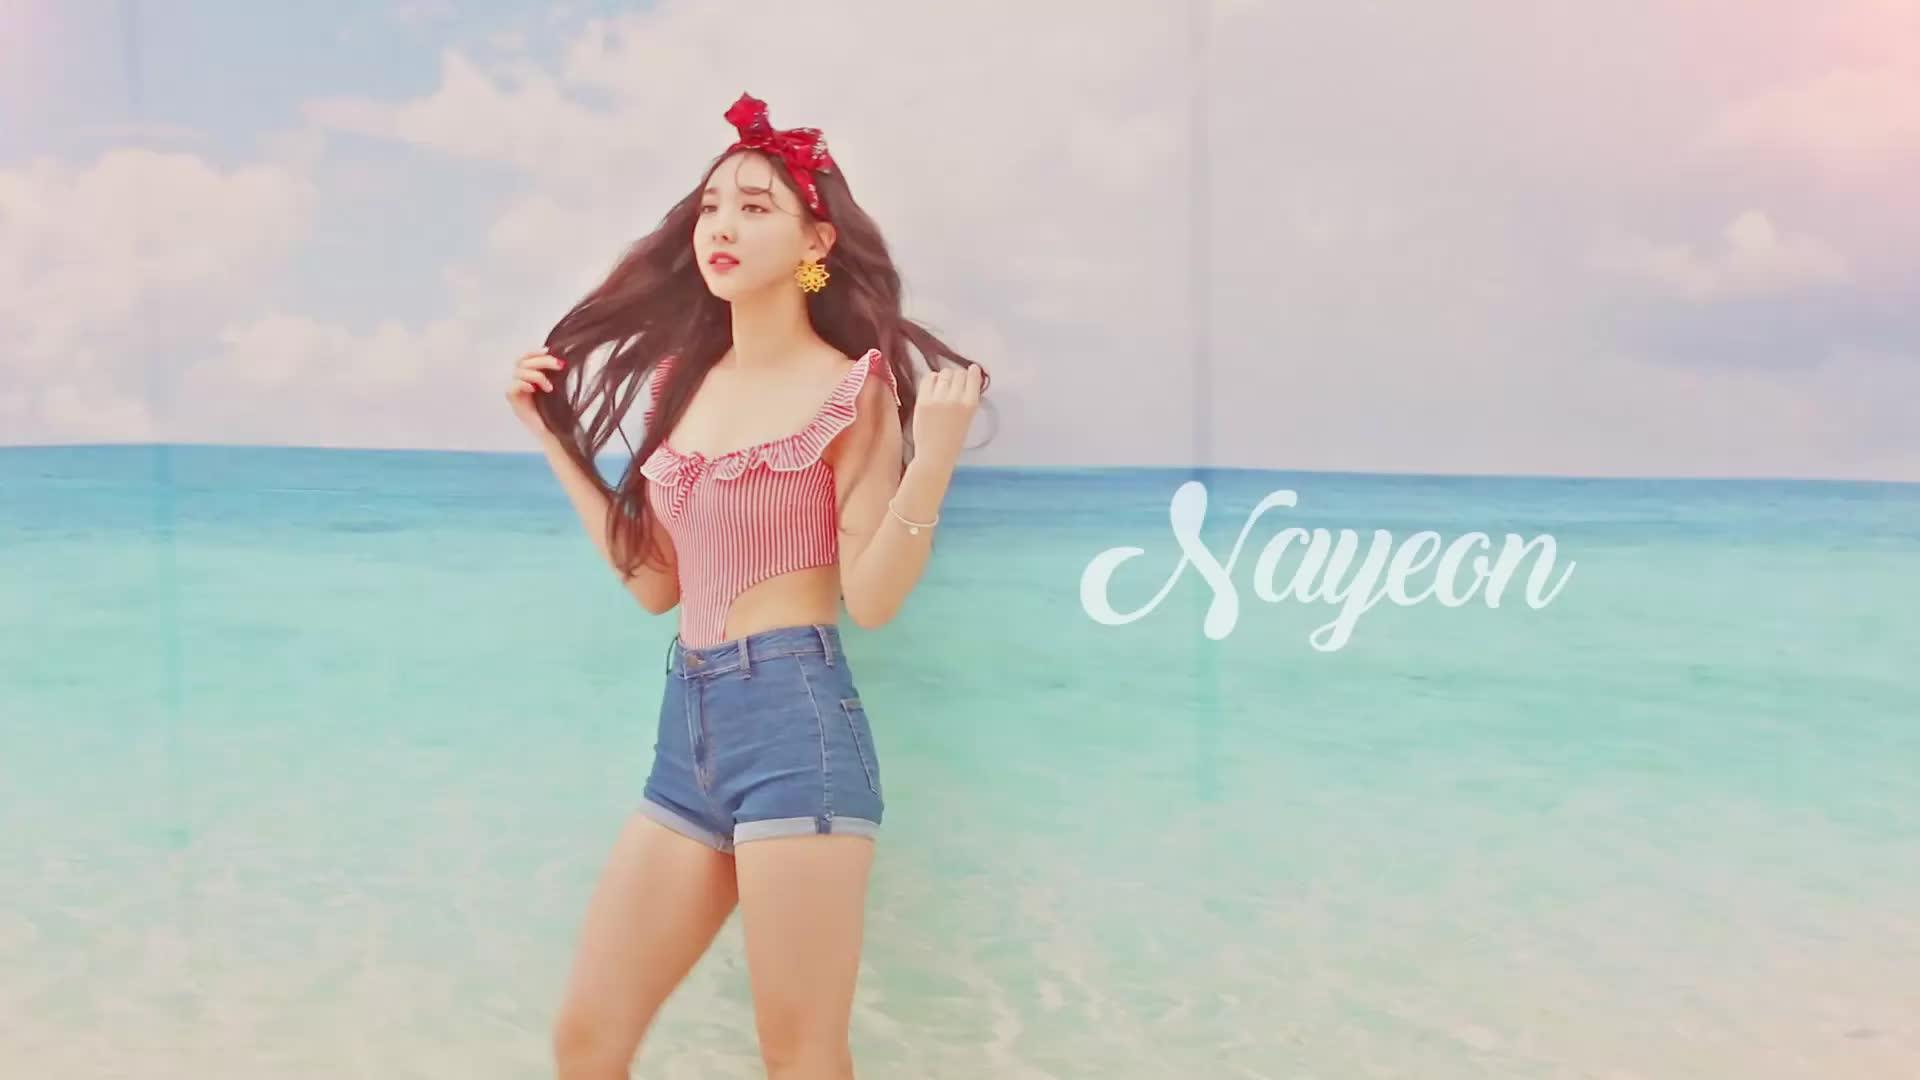 Nayeon, Twice, celebs, kpop, Nayeon GIFs